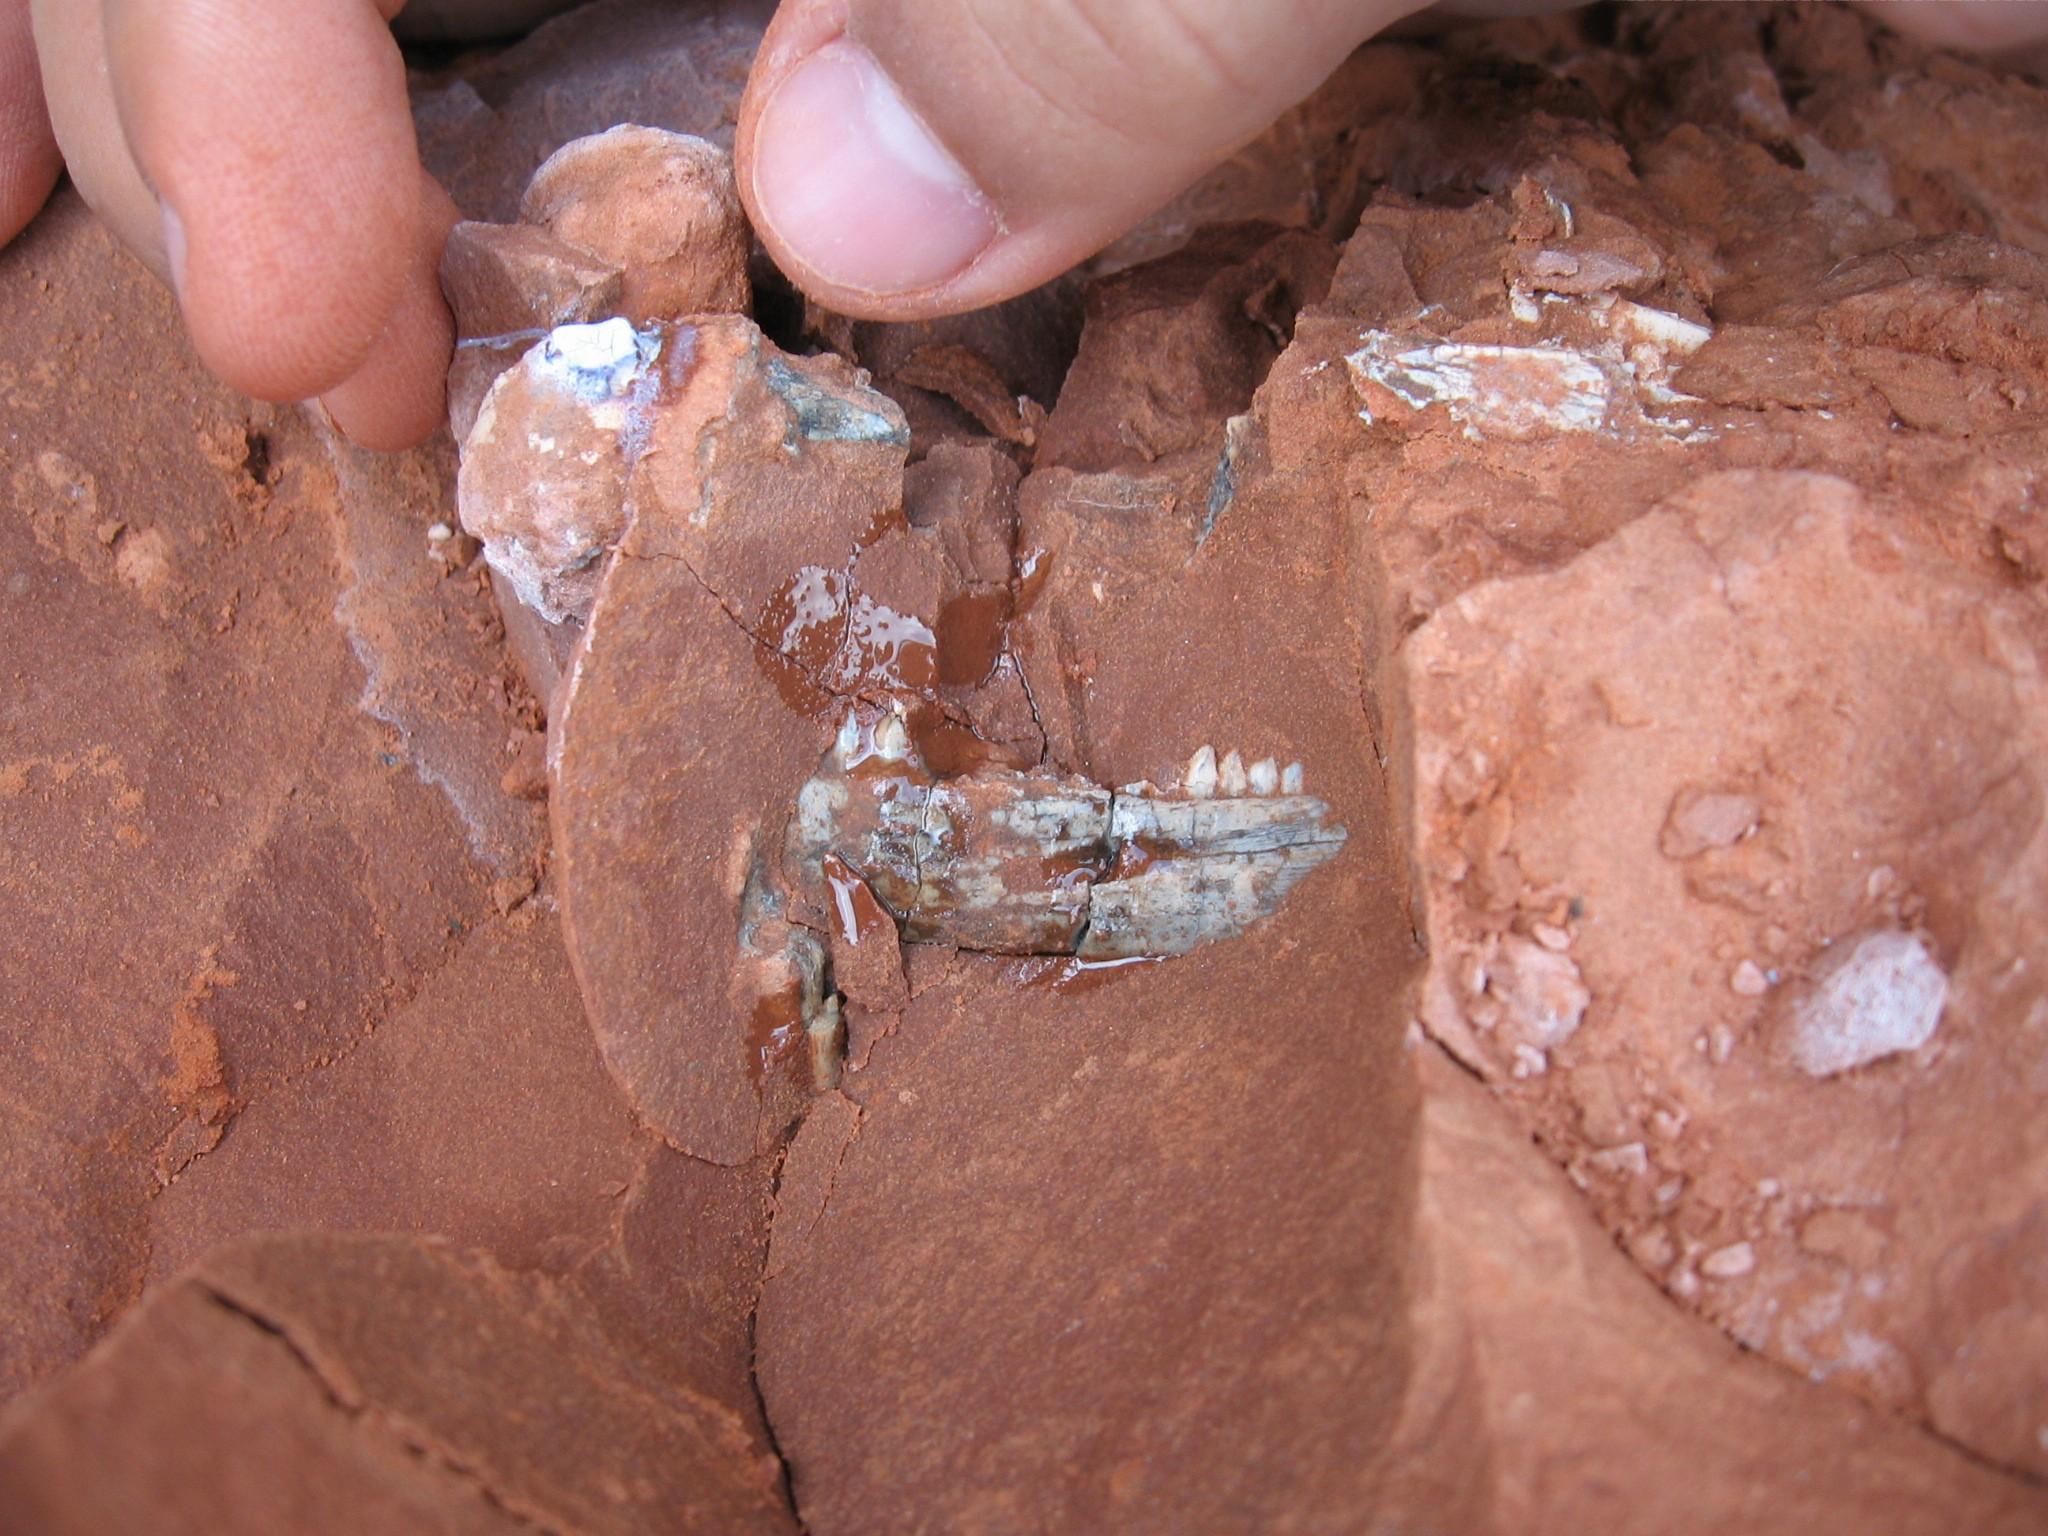 Primeiros restos do Bagualosaurus agudoensis como foi encontrado na rocha. Alguns dentes do animal podem ser vistos no centro da imagem. (Foto: Cristina Bertoni-Machado.)